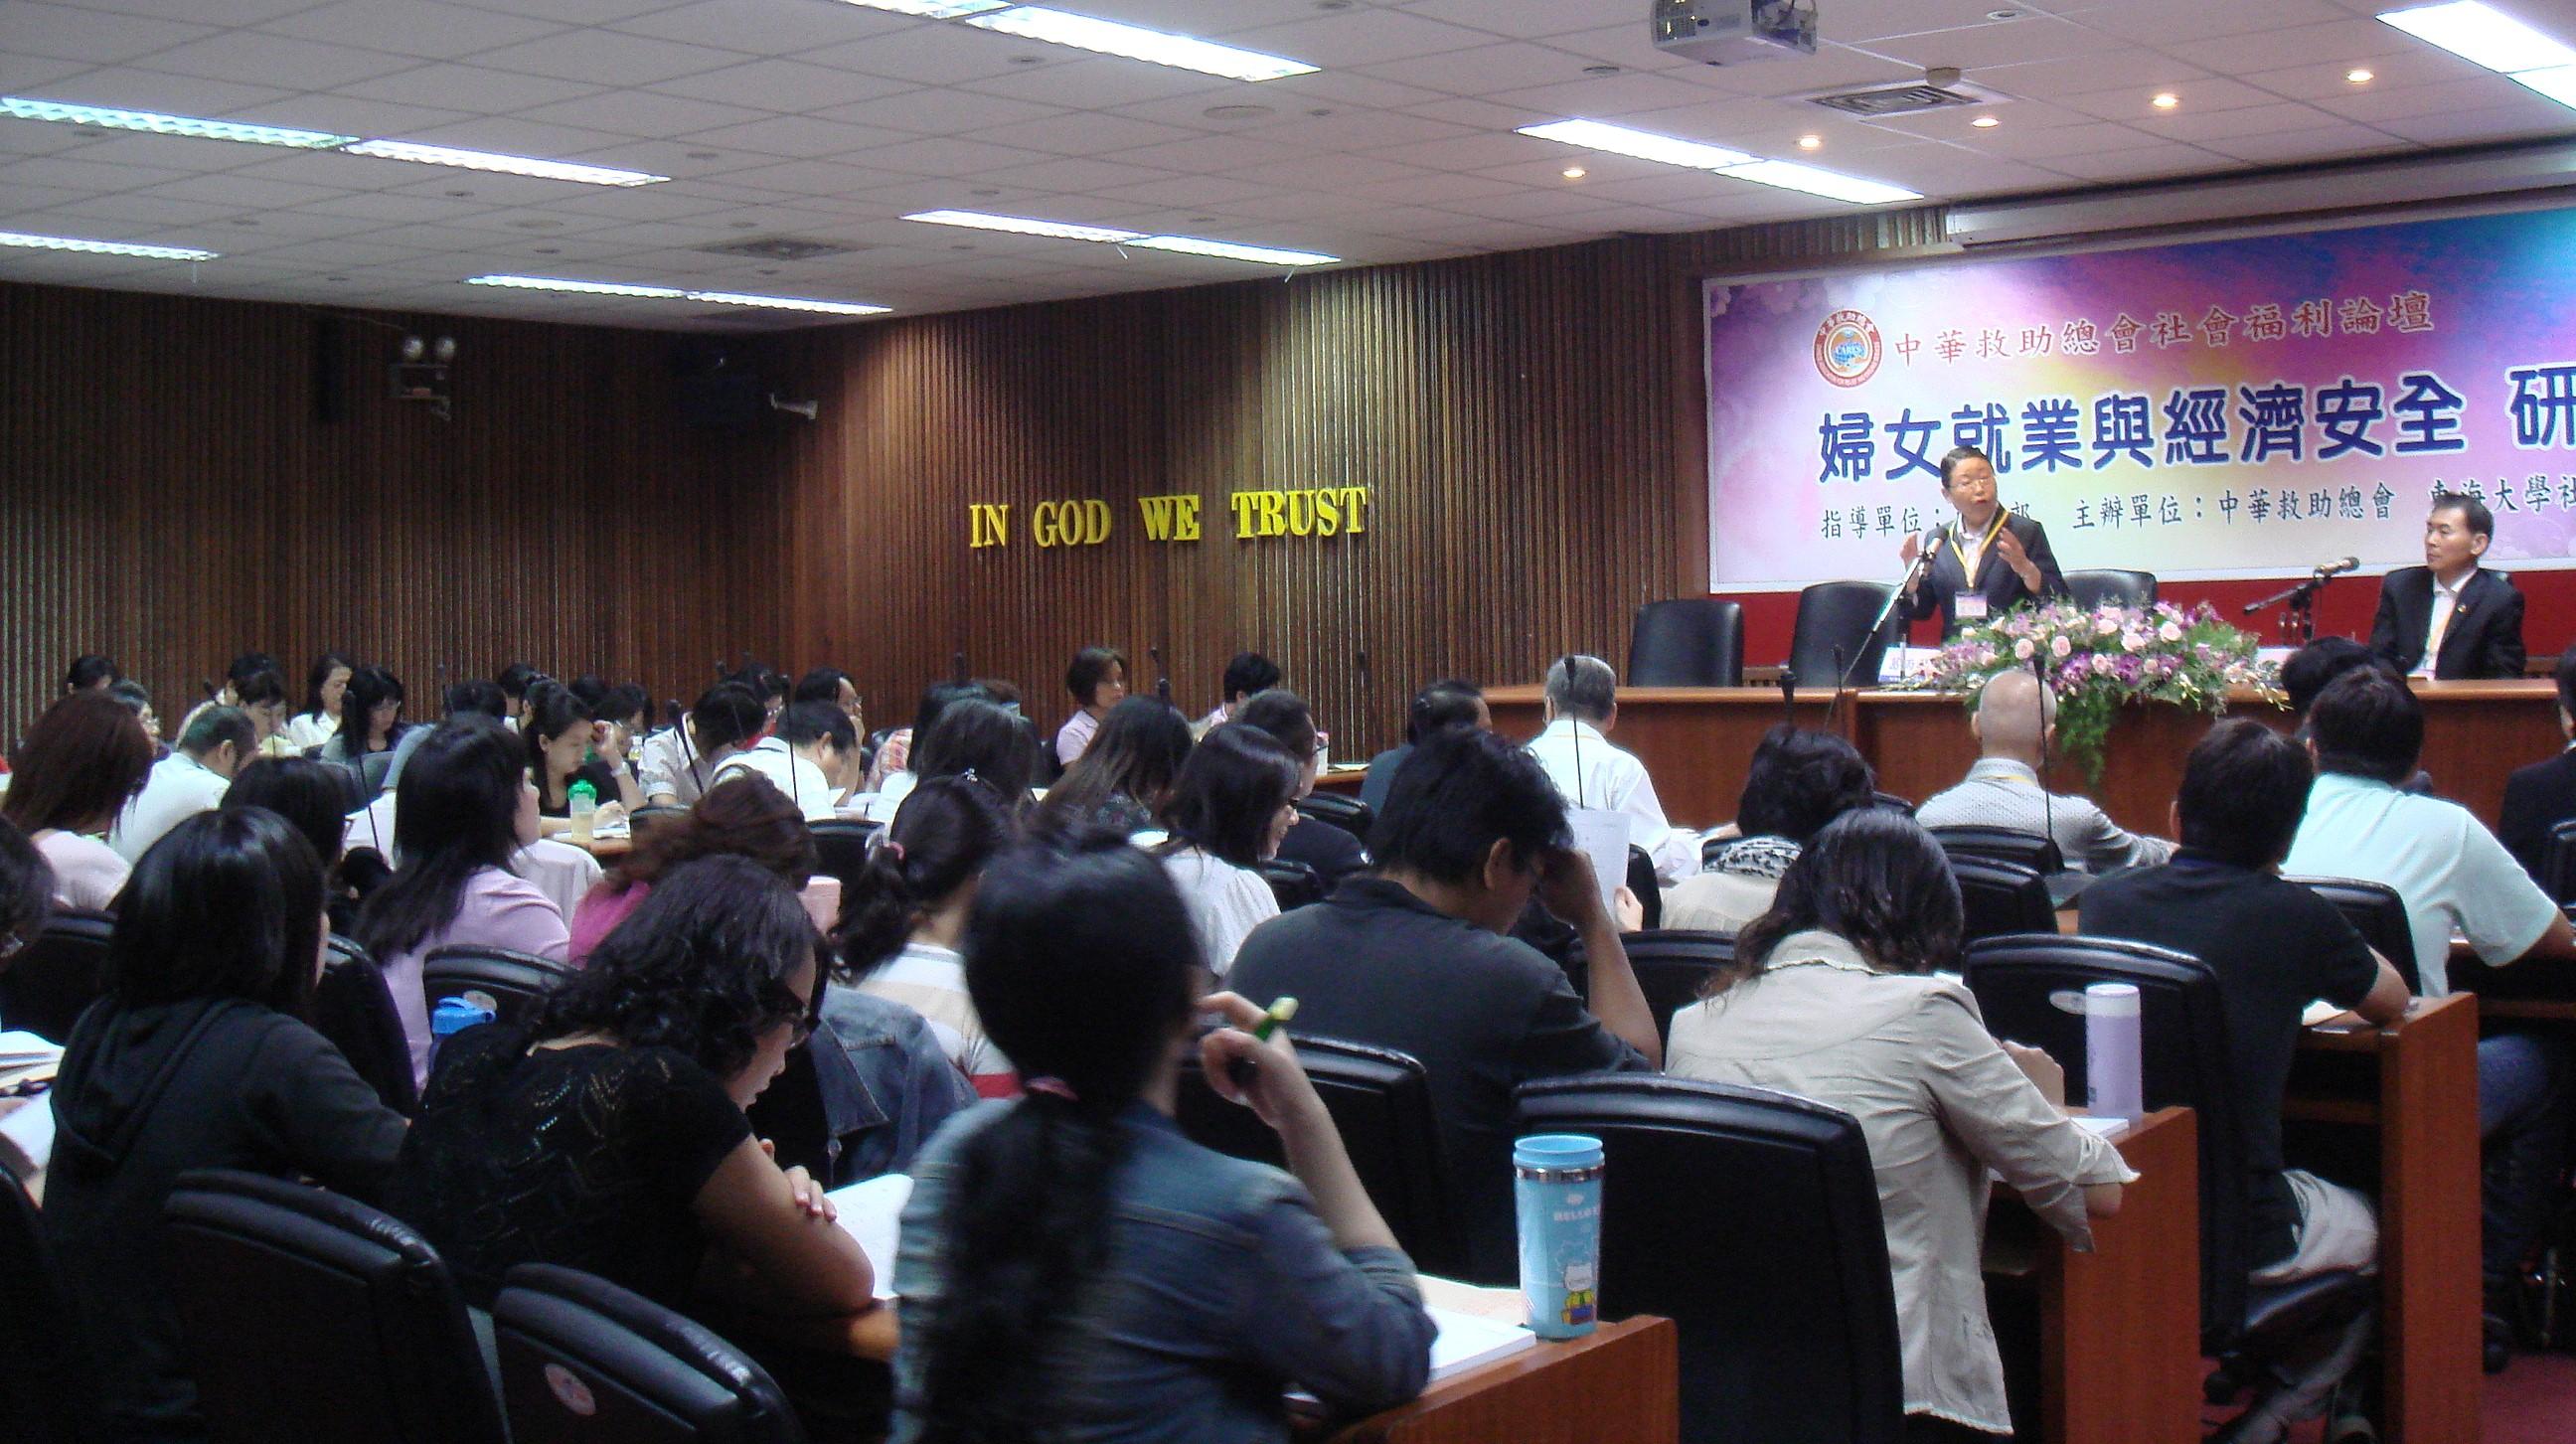 研討會得到熱烈迴響,座無虛席。